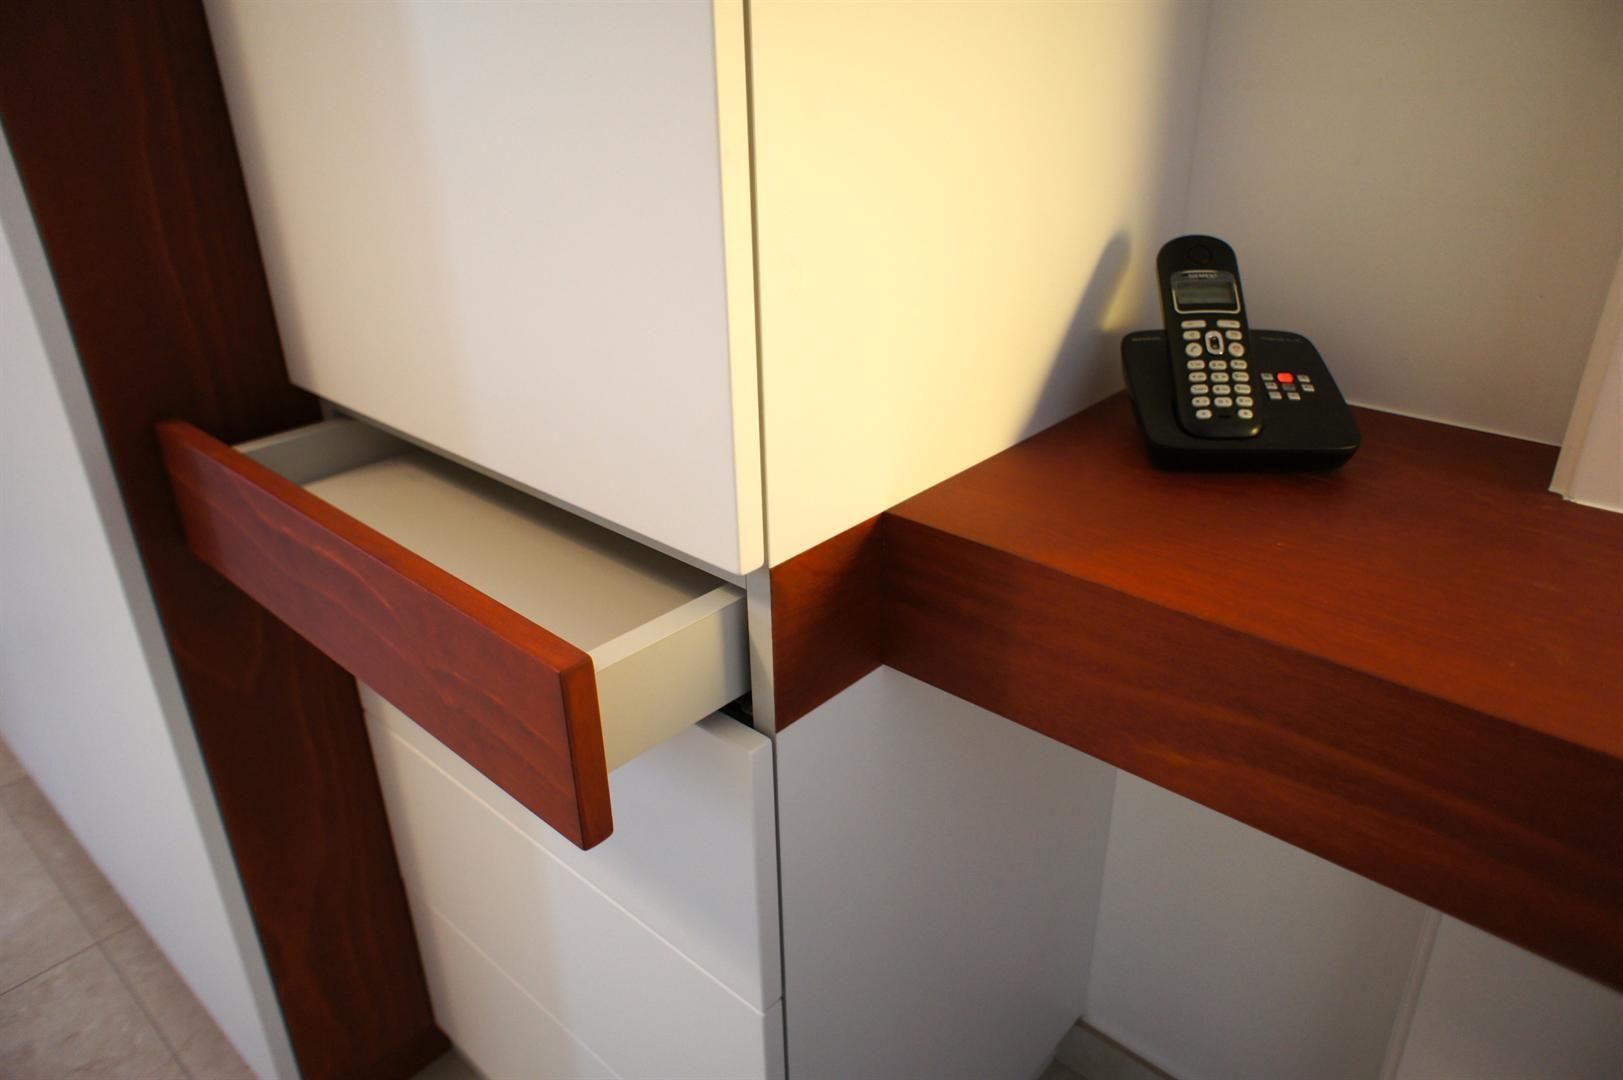 mobilier intéressant au niveau de son ergonomie et de son esthétique #http://heleneverbeeren.archi